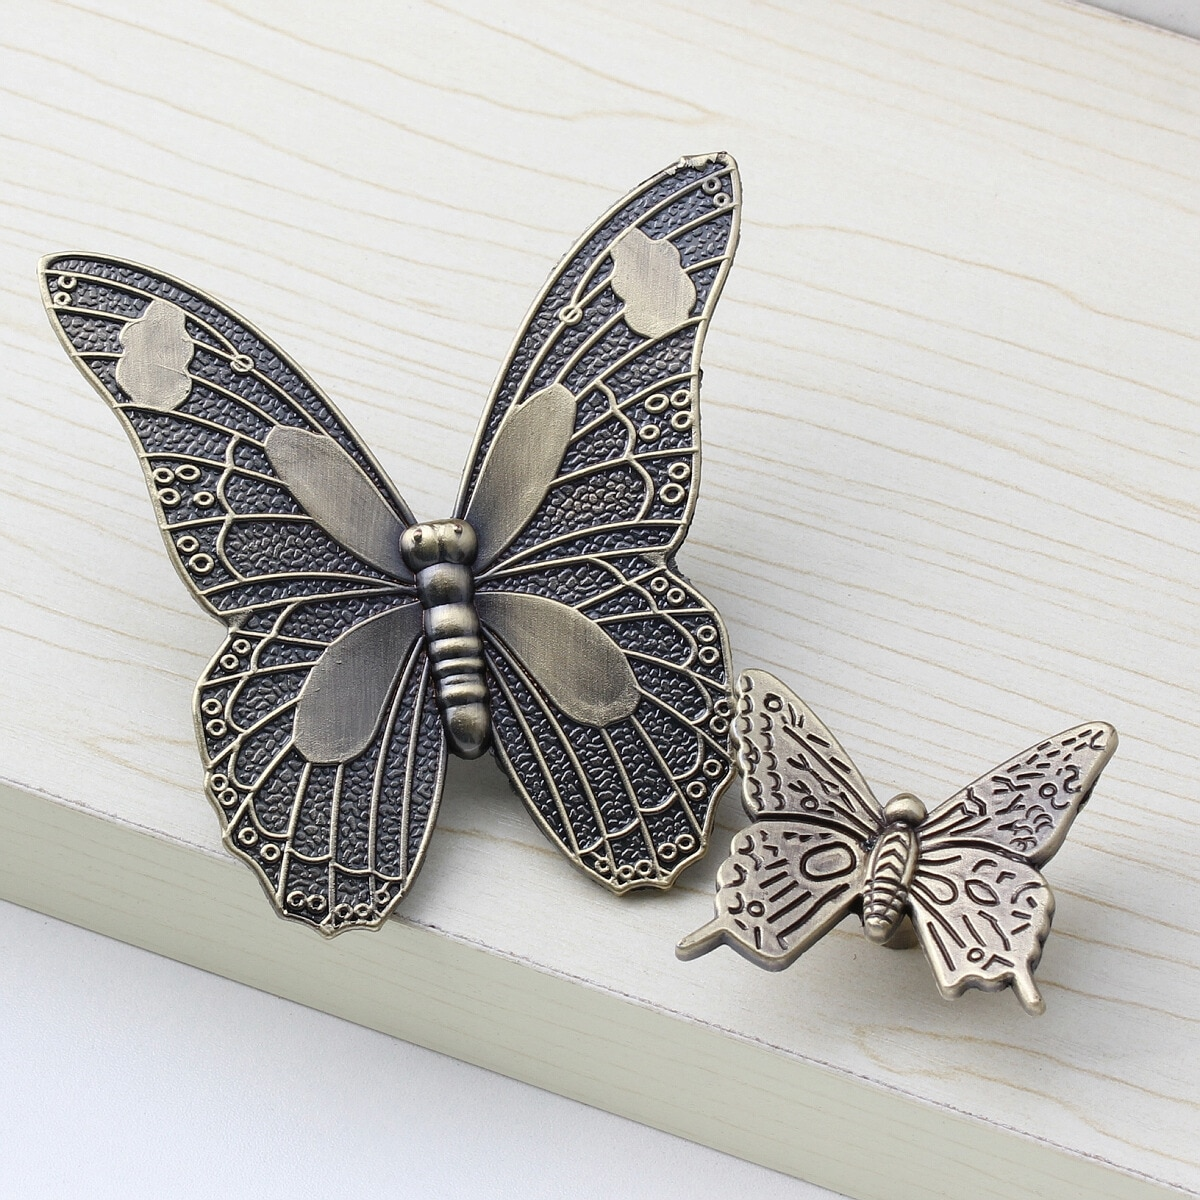 Manija clásica del cajón manija de la Puerta de los muebles de la mariposa del bronce manija del cajón del Gabinete Zapatero tirador lindo de la decoración del dormitorio de los niños